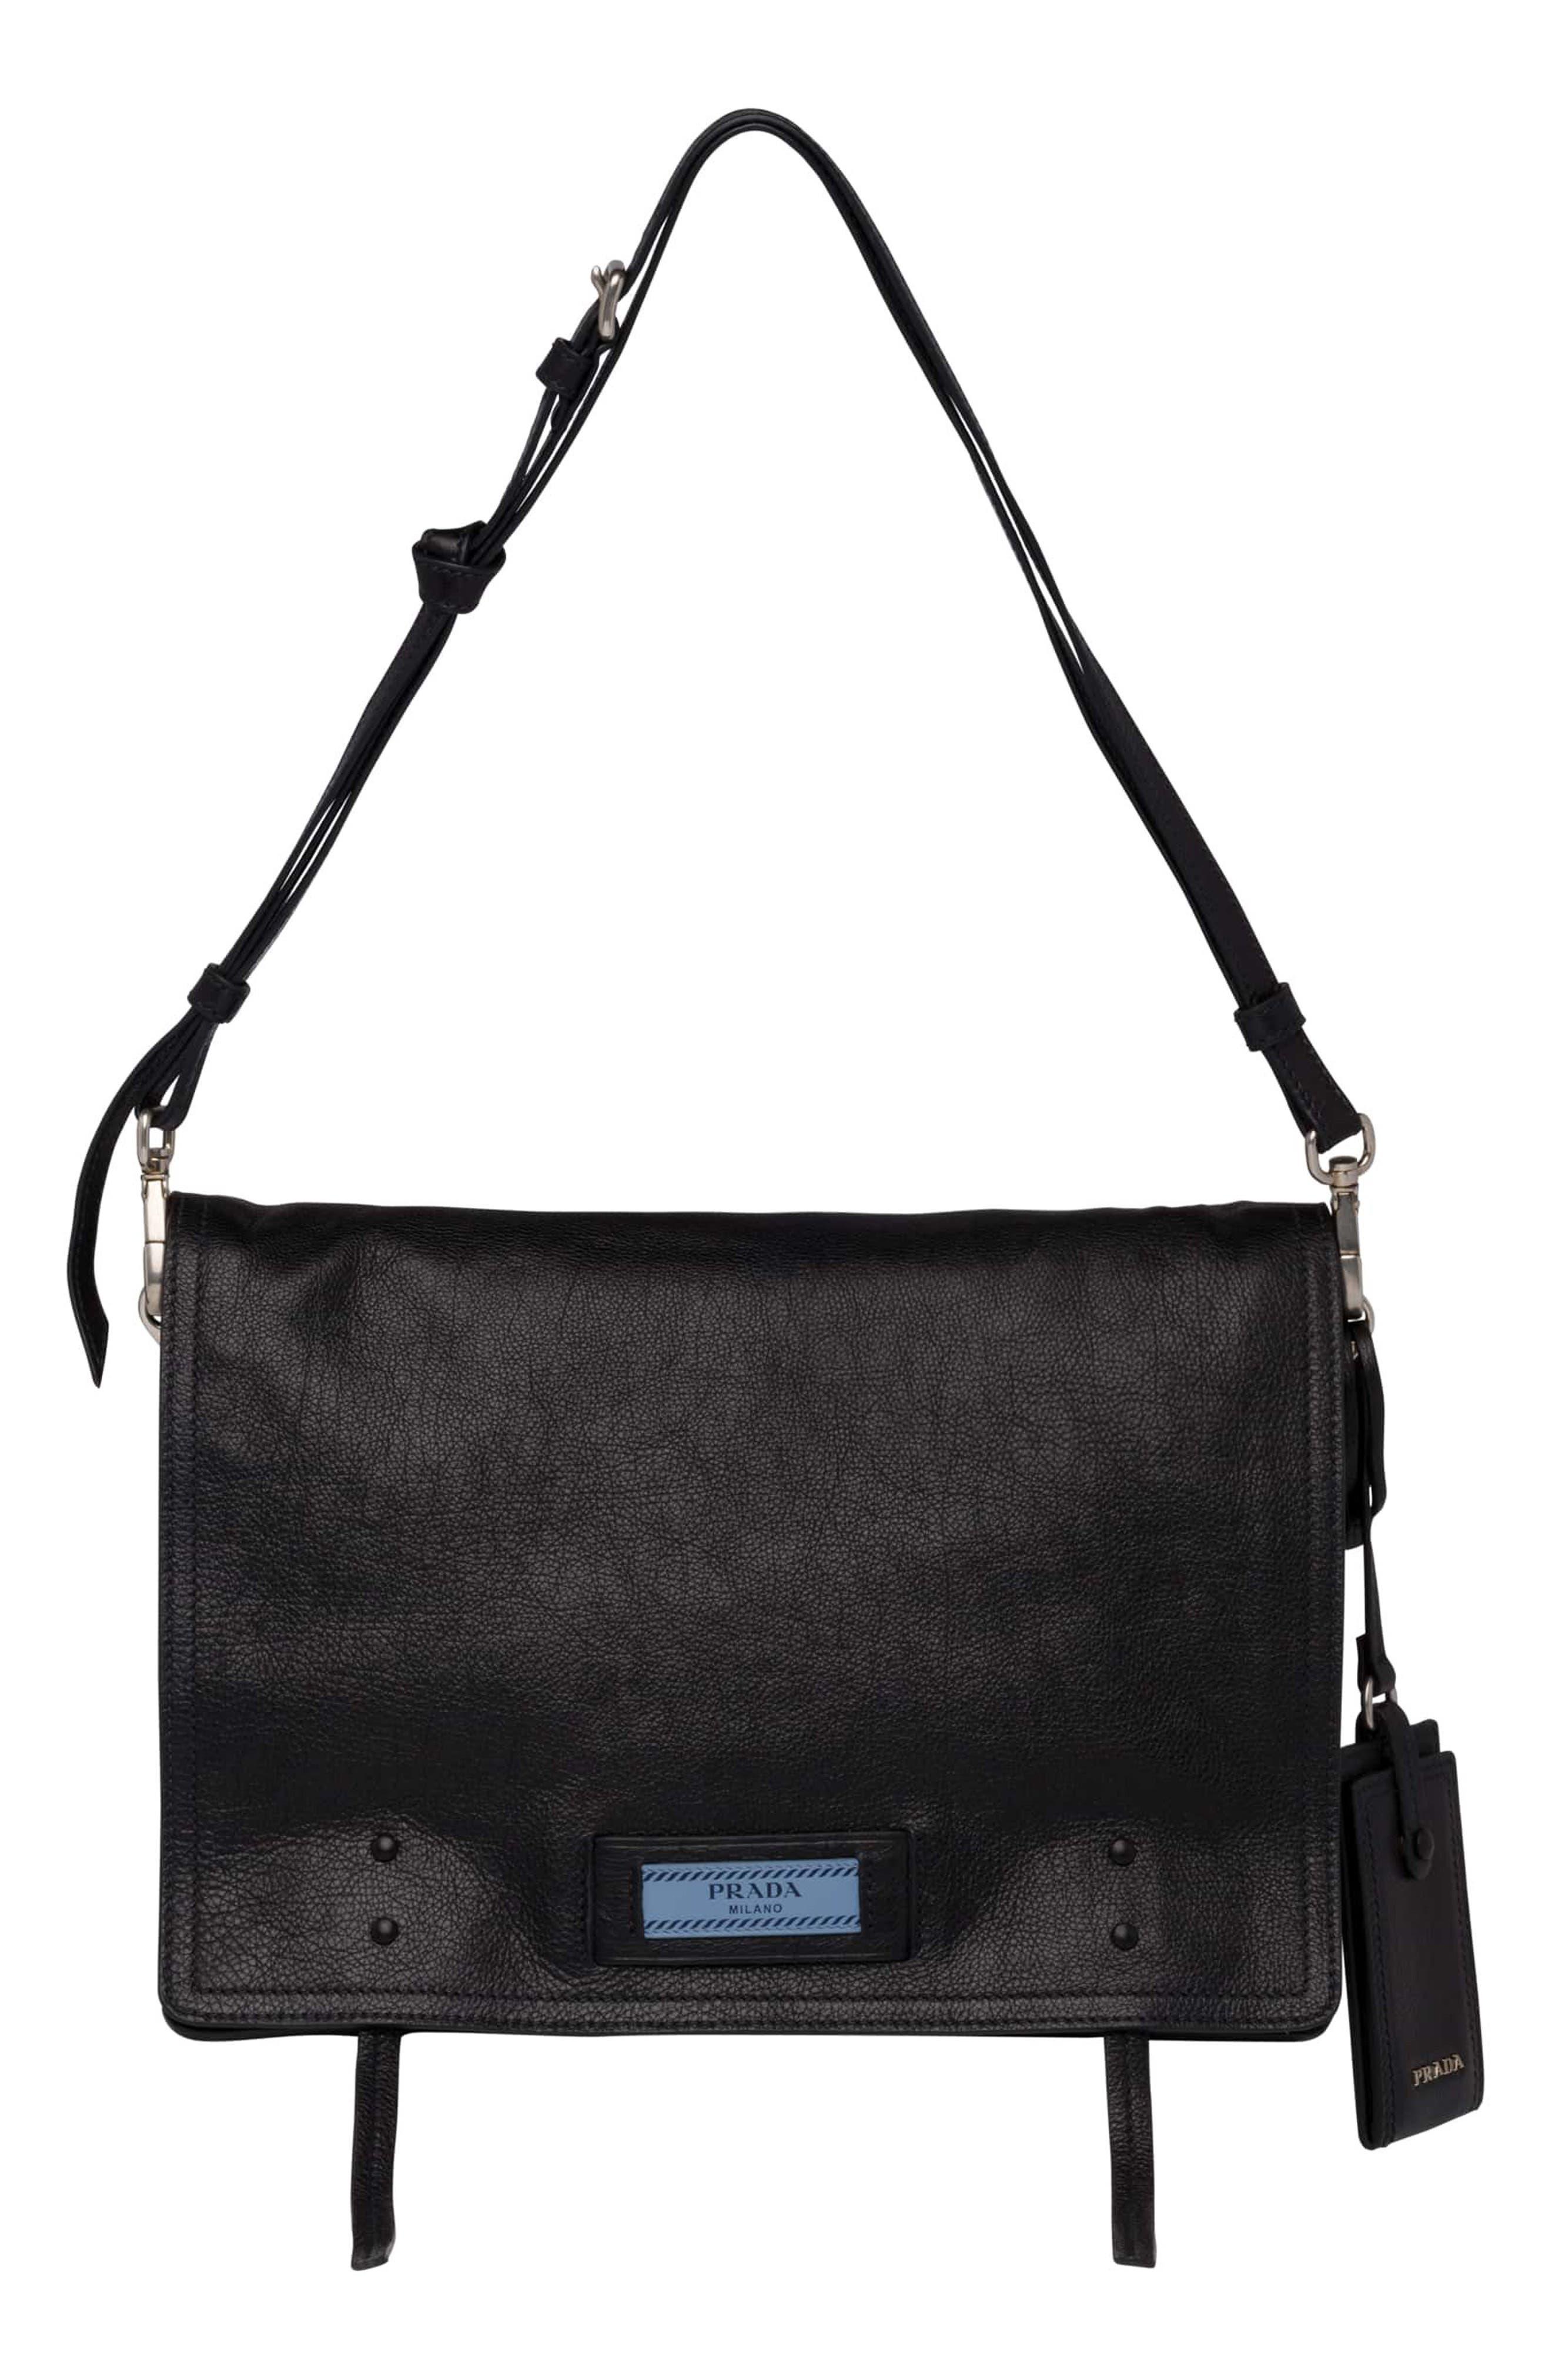 Prada Cahier Glace Messenger Bag